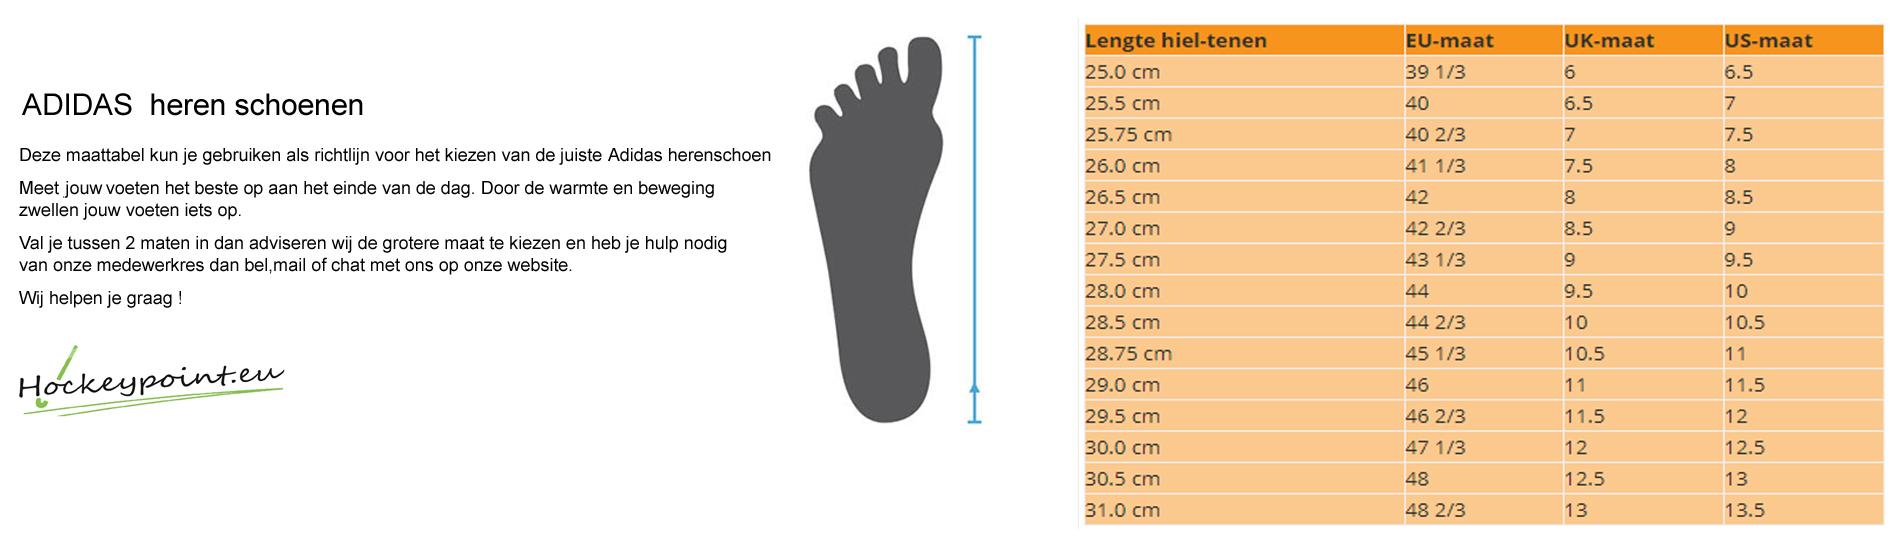 adidas maattabel schoenen